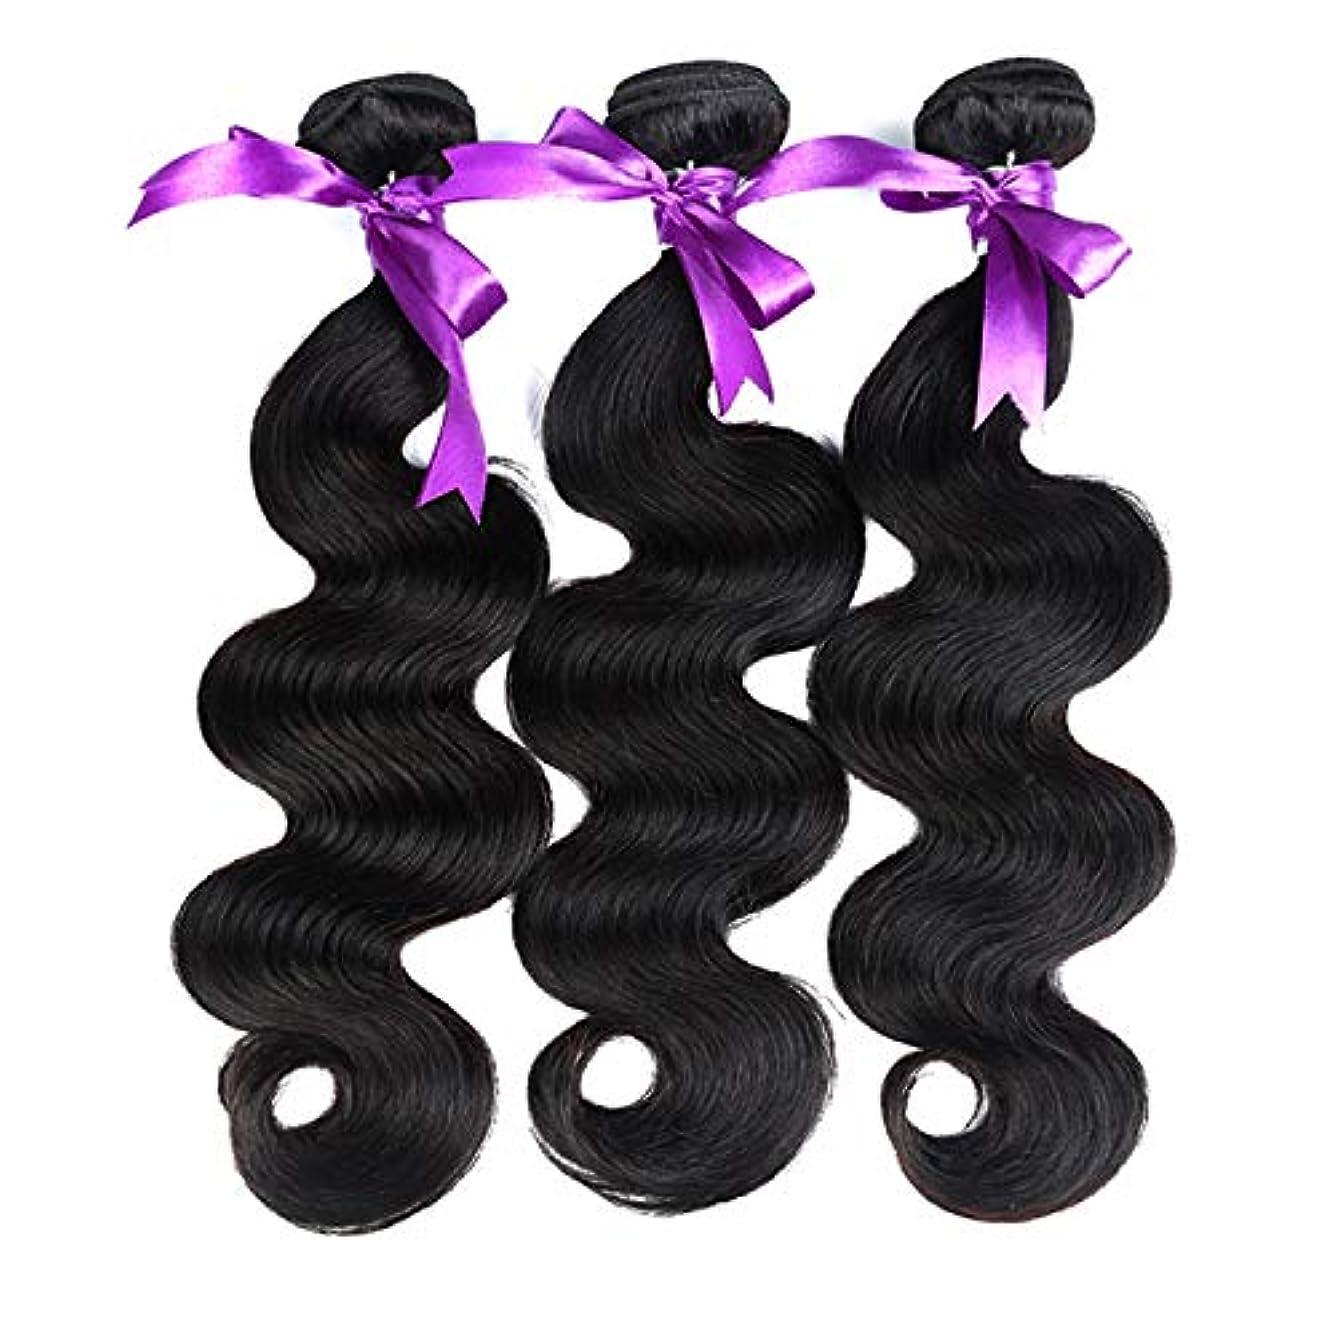 適応する関係するサイバースペースかつら 髪ペルー実体波髪3ピース人間の髪バンドル非レミー髪の拡張子8-28インチ (Length : 8 10 12)